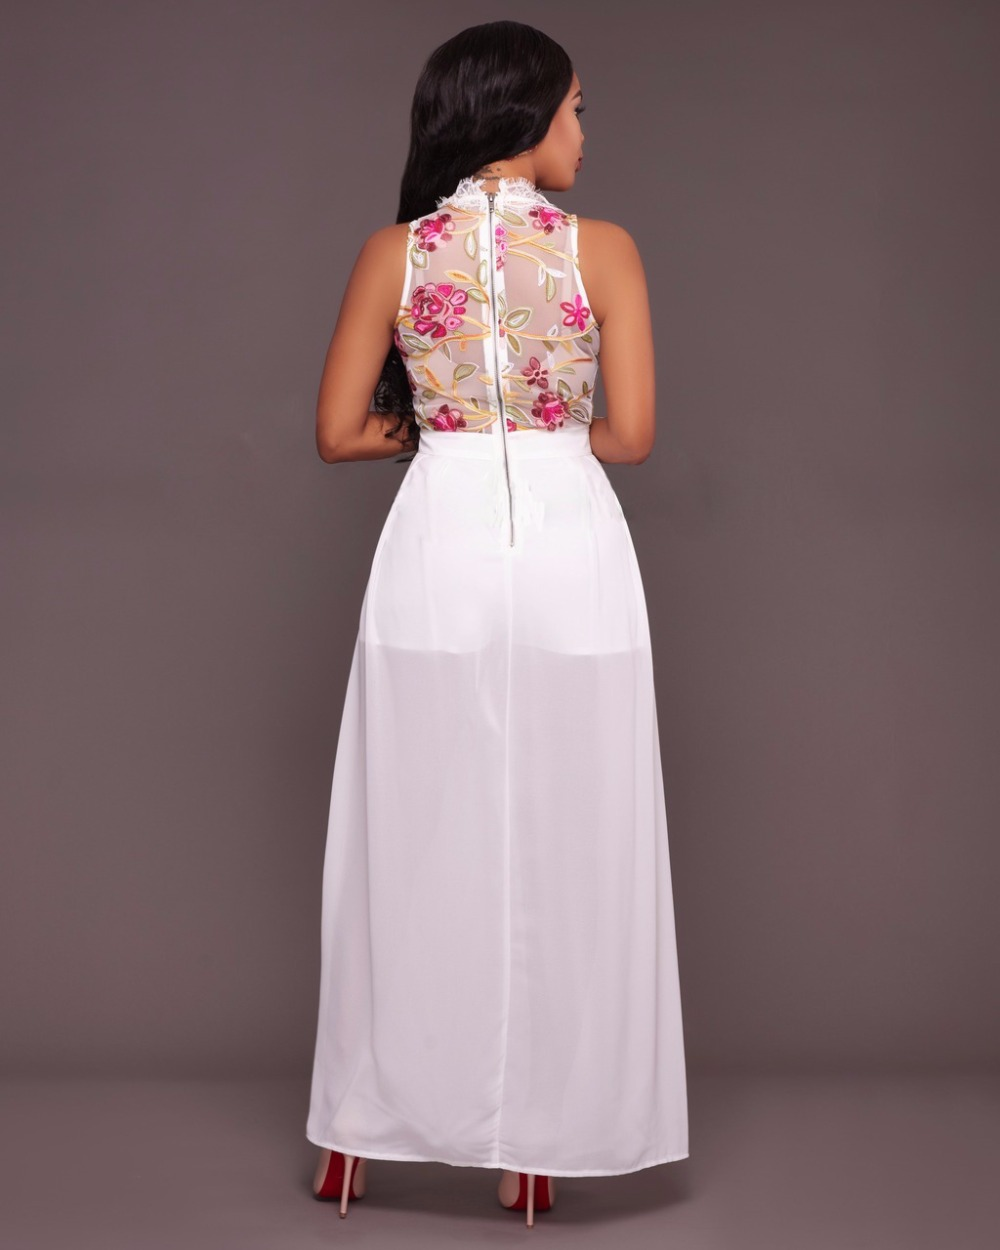 84d6f29b7 Las nuevas mujeres 2017 flor bordada Vestidos elegante malla de gasa largo  eving vestido Bayan vestidos fiesta zomerjurkje vestido de Club en Vestidos  de La ...